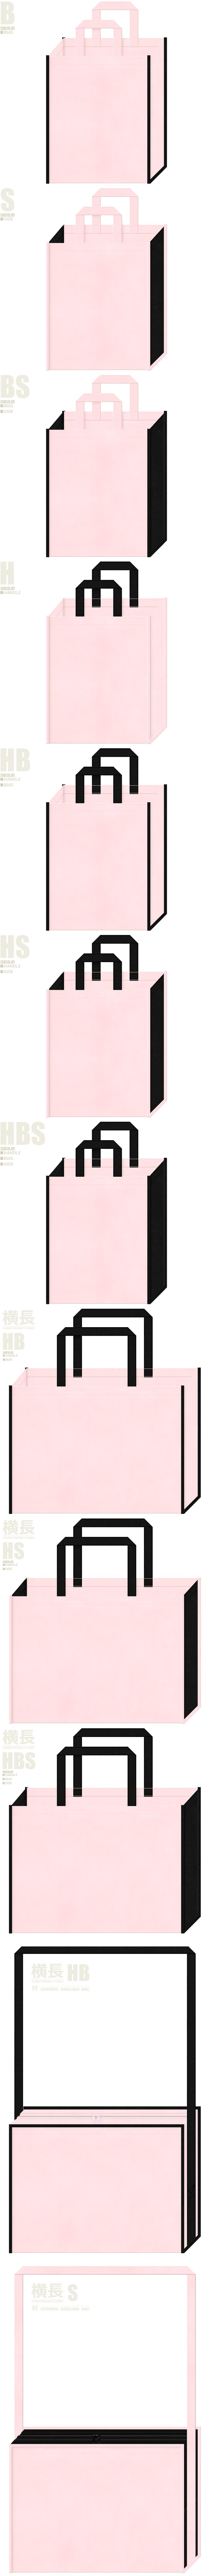 ゴスロリ・魔法使い・夜桜・花見・お城イベント・ガーリーデザイン・ユニフォーム・運動靴・アウトドア・スポーツイベント・スポーティーファッション・スポーツ用品の展示会用バッグにお奨めの不織布バッグデザイン:桜色と黒色の配色7パターン。